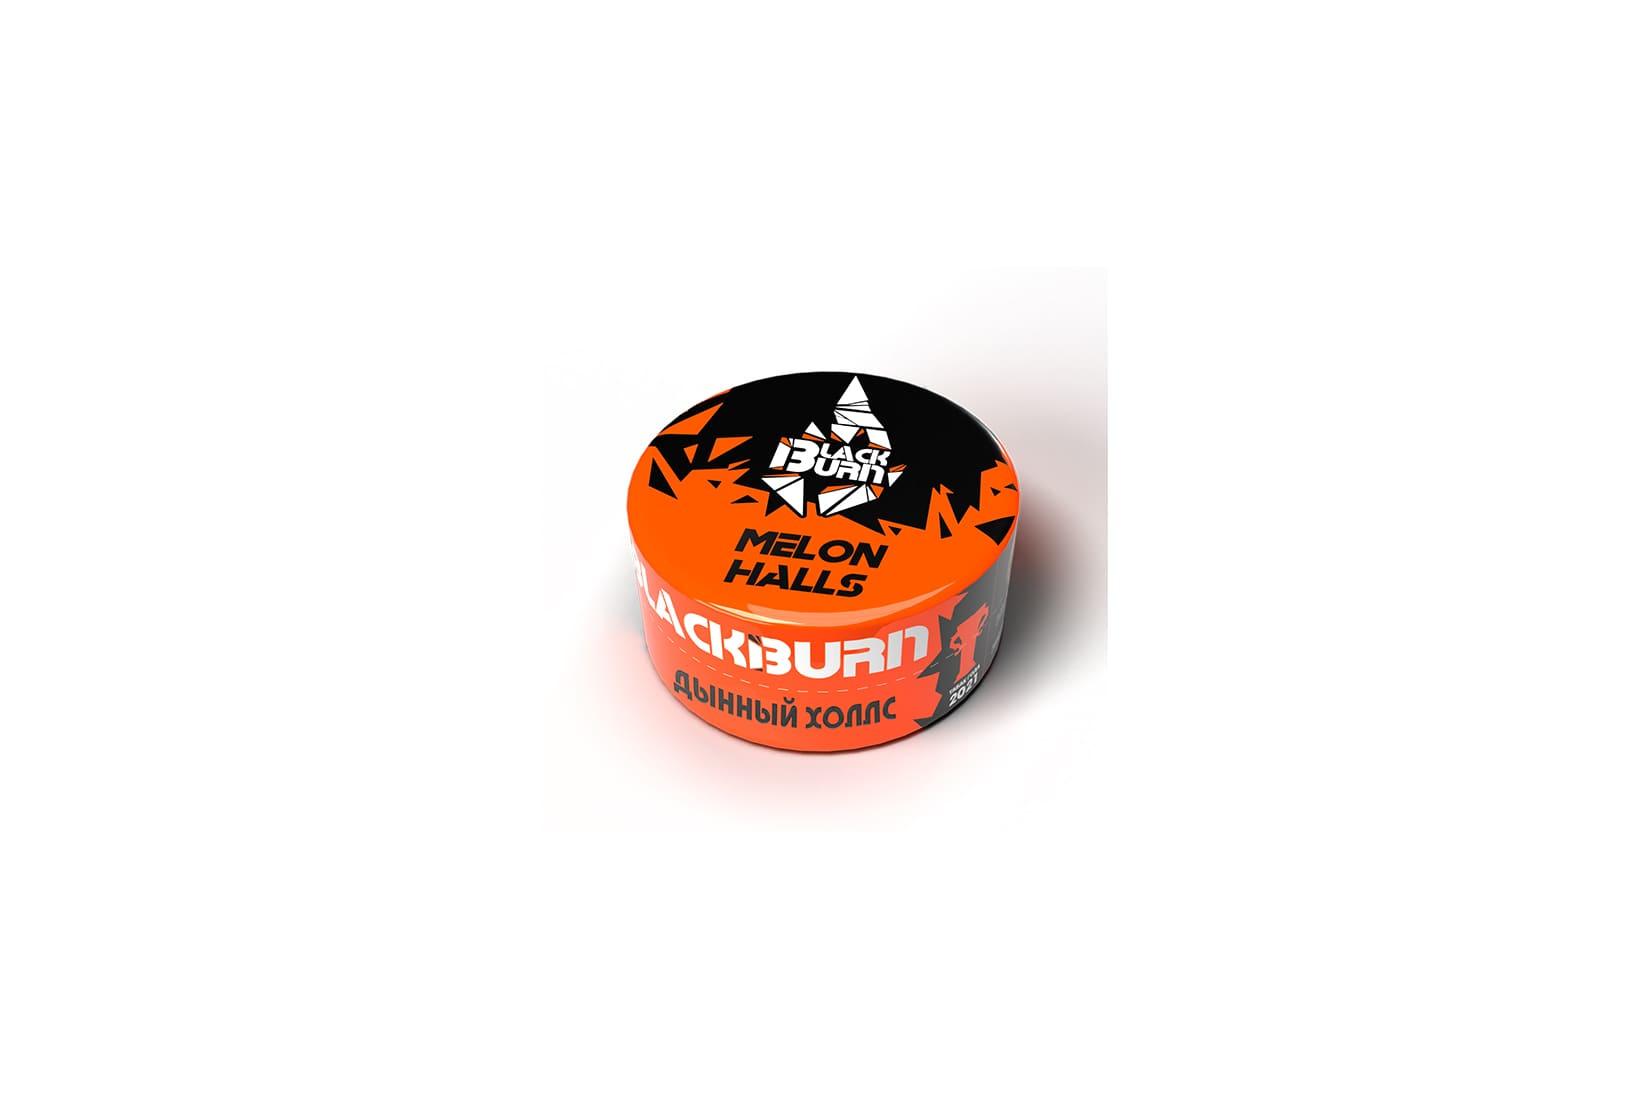 Табак для кальяна Black Burn MELON HALLS – описание, миксы, отзывы